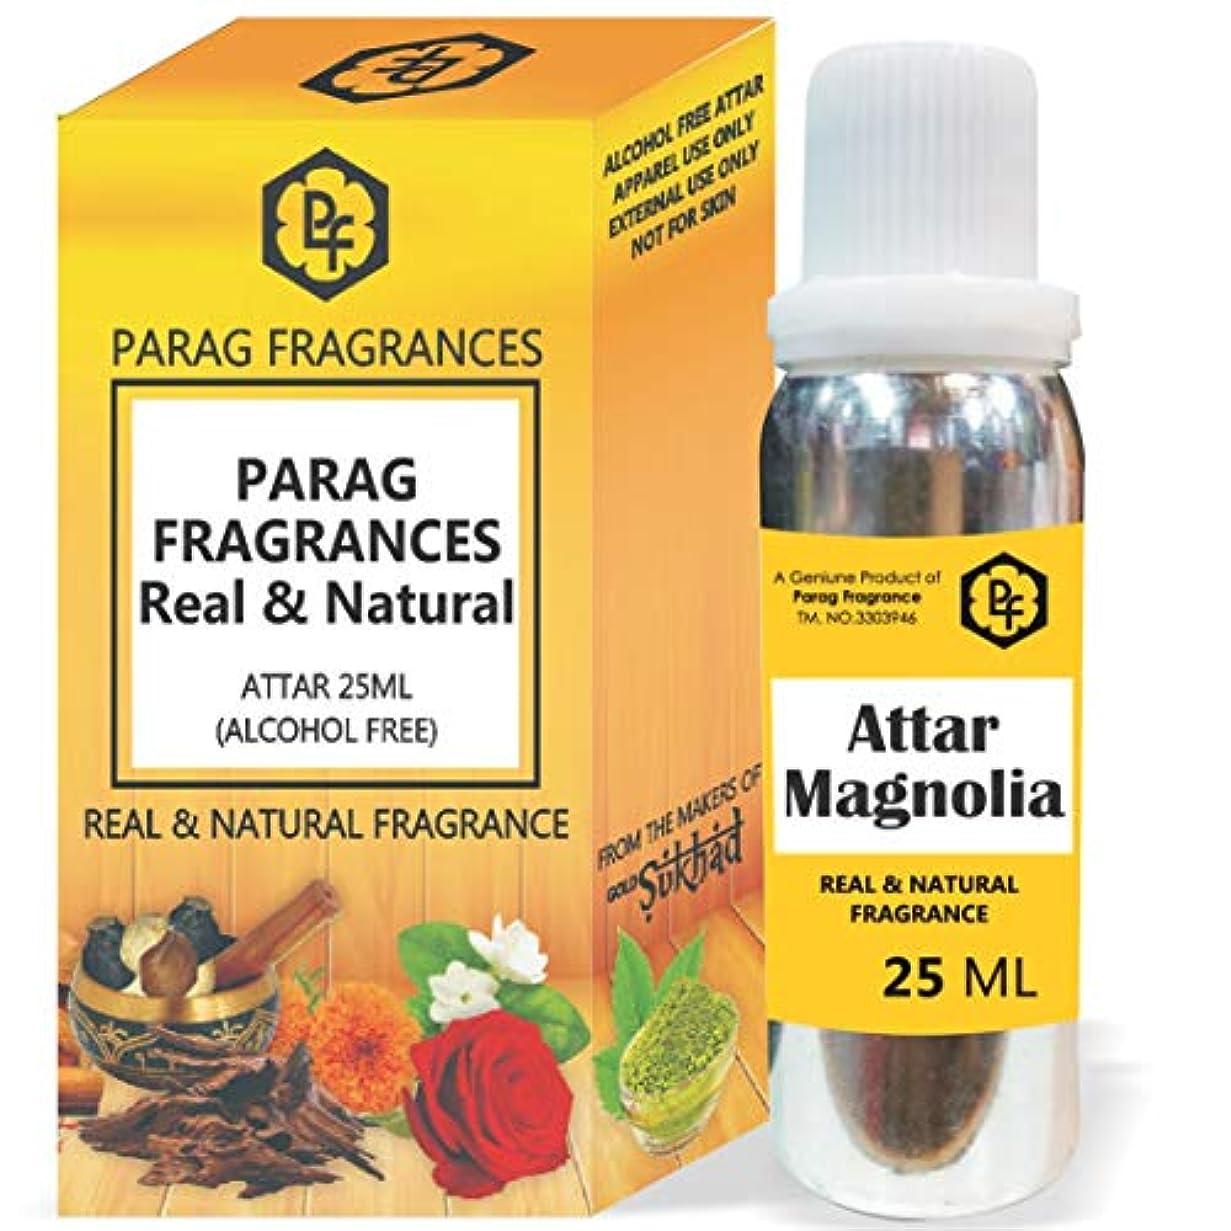 続ける賛辞適合する50/100/200/500パックでファンシー空き瓶でParagフレグランス25ミリリットルマグノリアアター(アルコールフリー、ロングラスティング、自然アター)も利用可能